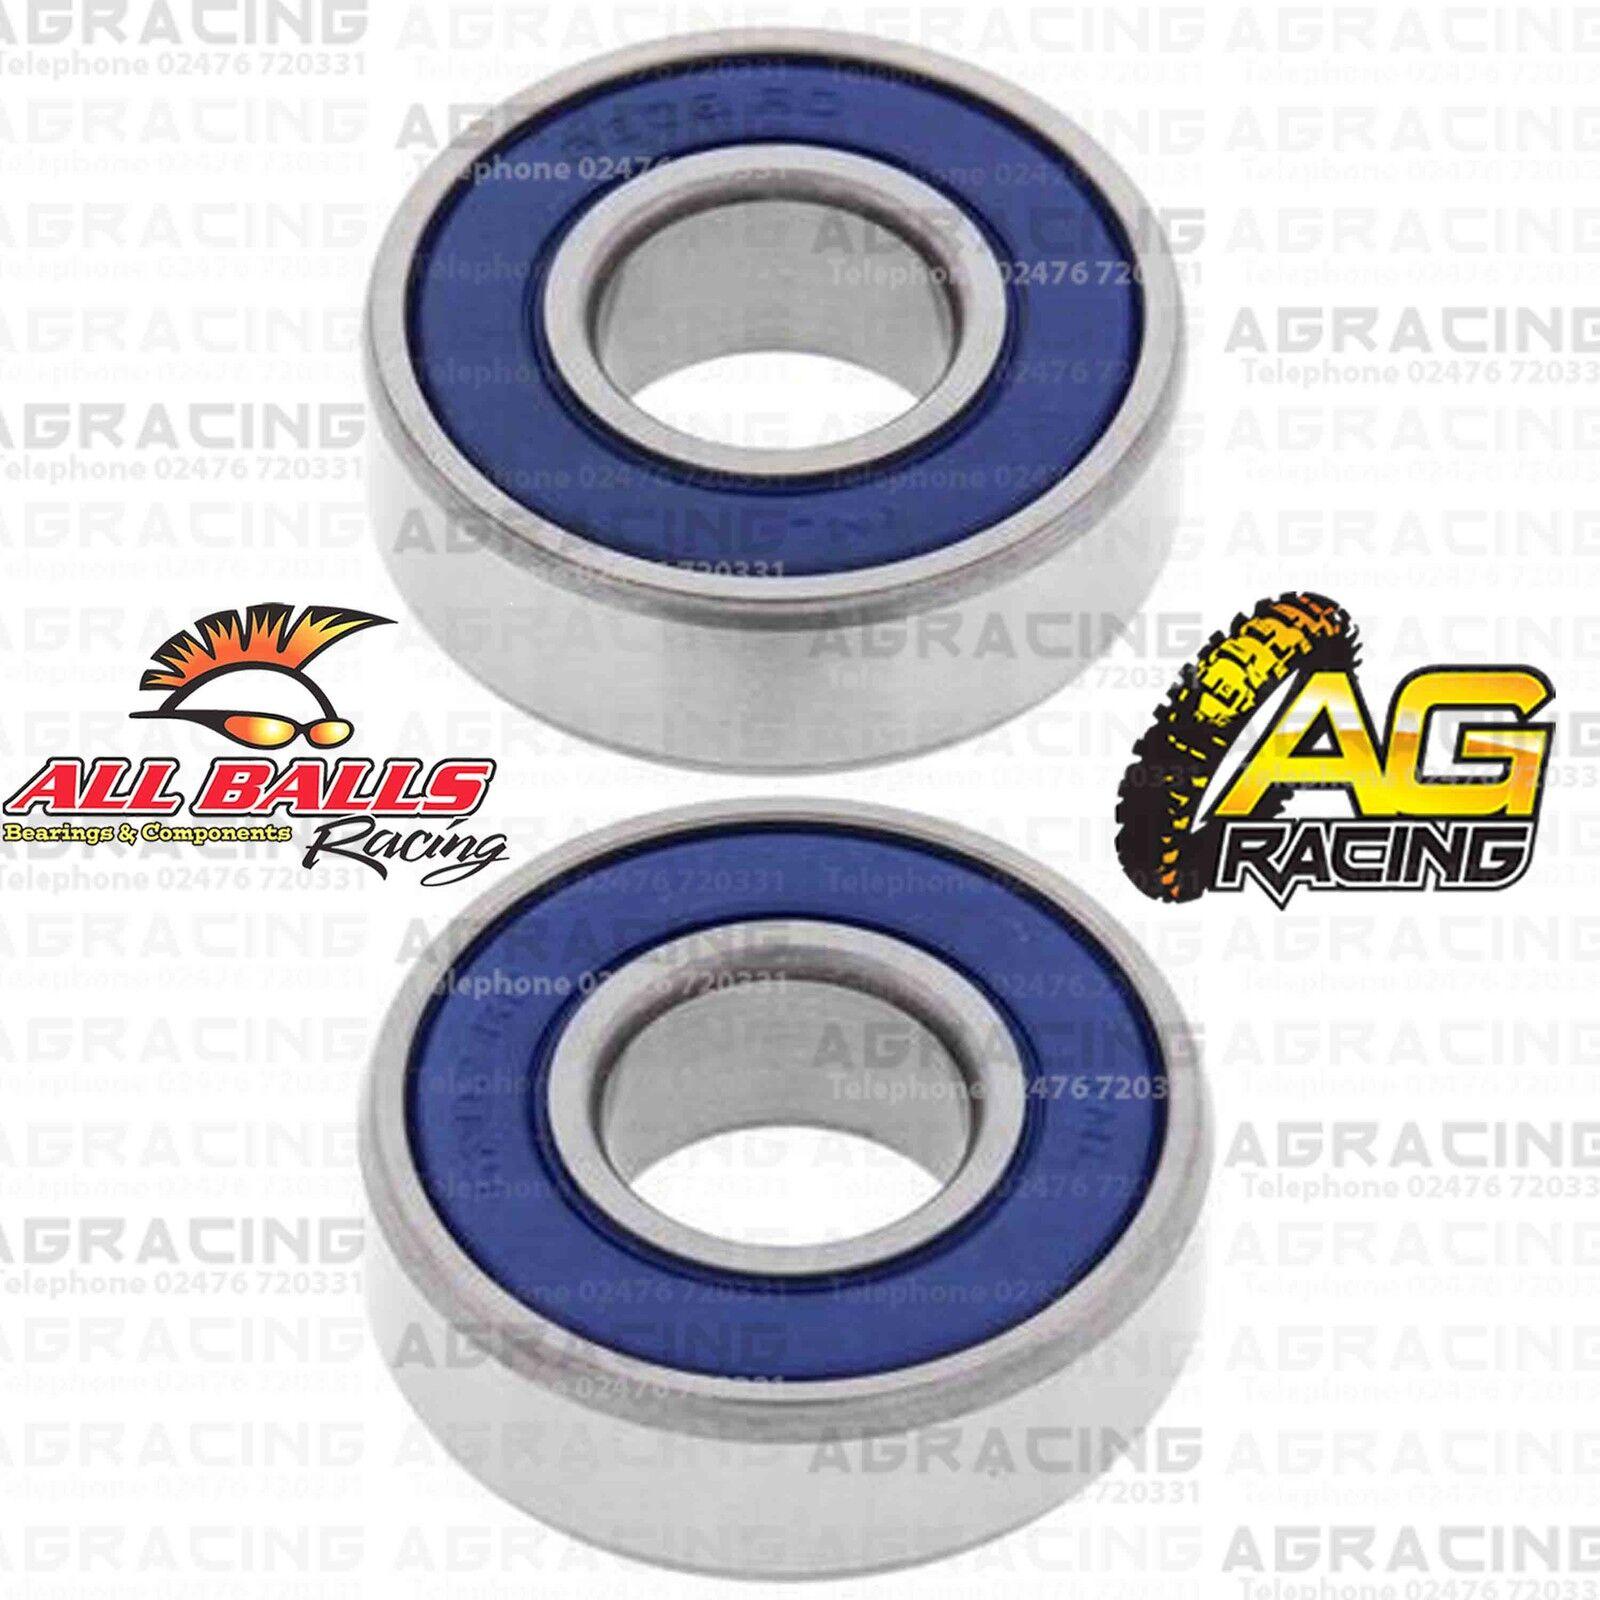 All Balls Rear Wheel Bearings Bearing Kit For KTM SX 50 Mini 2013 13 Motocross